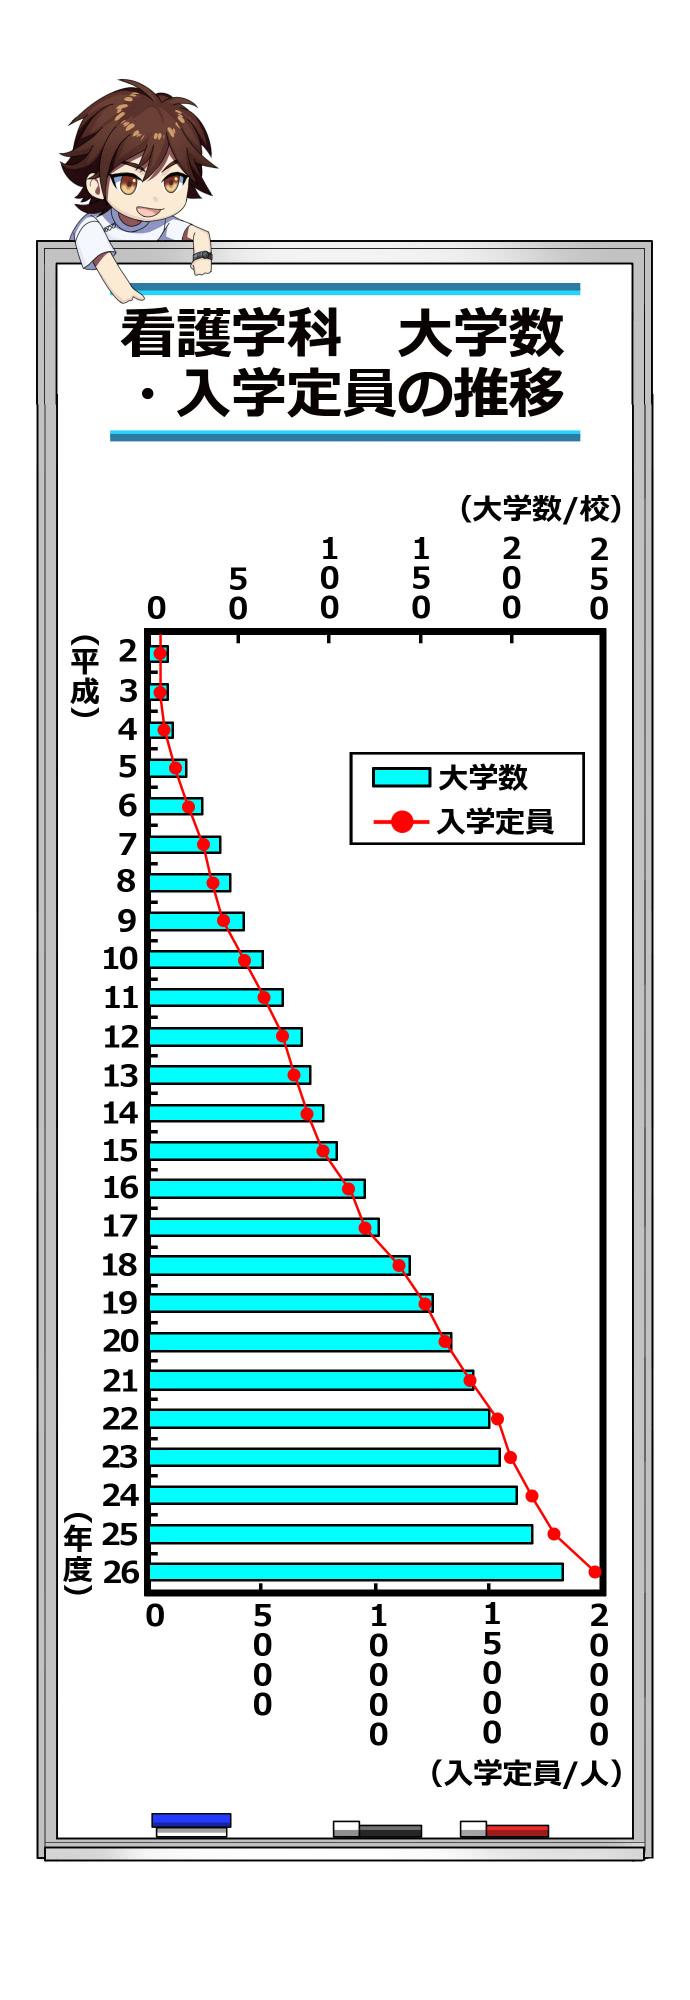 看護学科 大学数・入学定員の推移